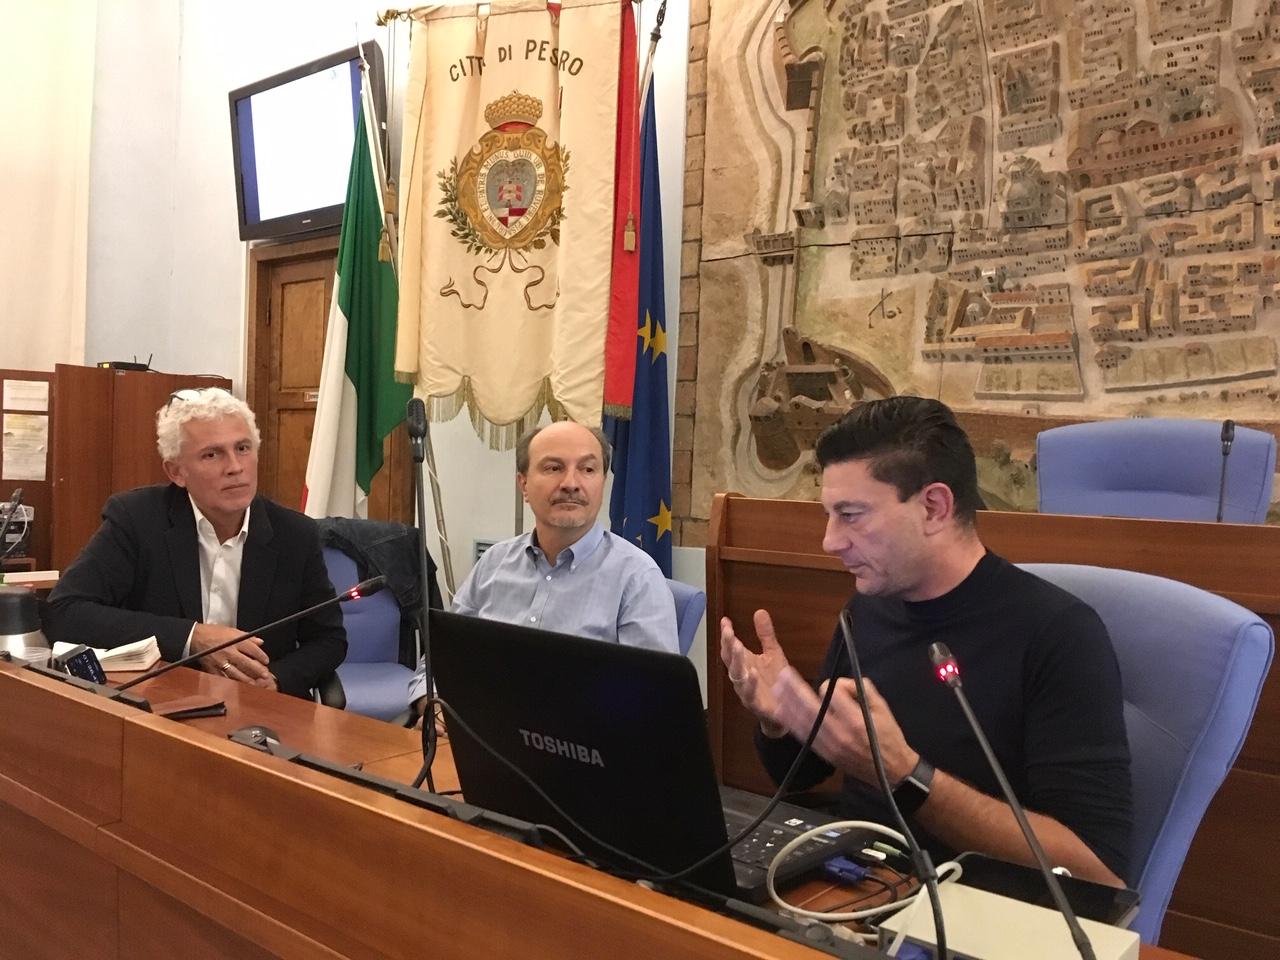 Pier Giorgio Pardi, mobility manager del comune di pescara, durante il suo intervento ala scuola di bicipolitana a pesaro